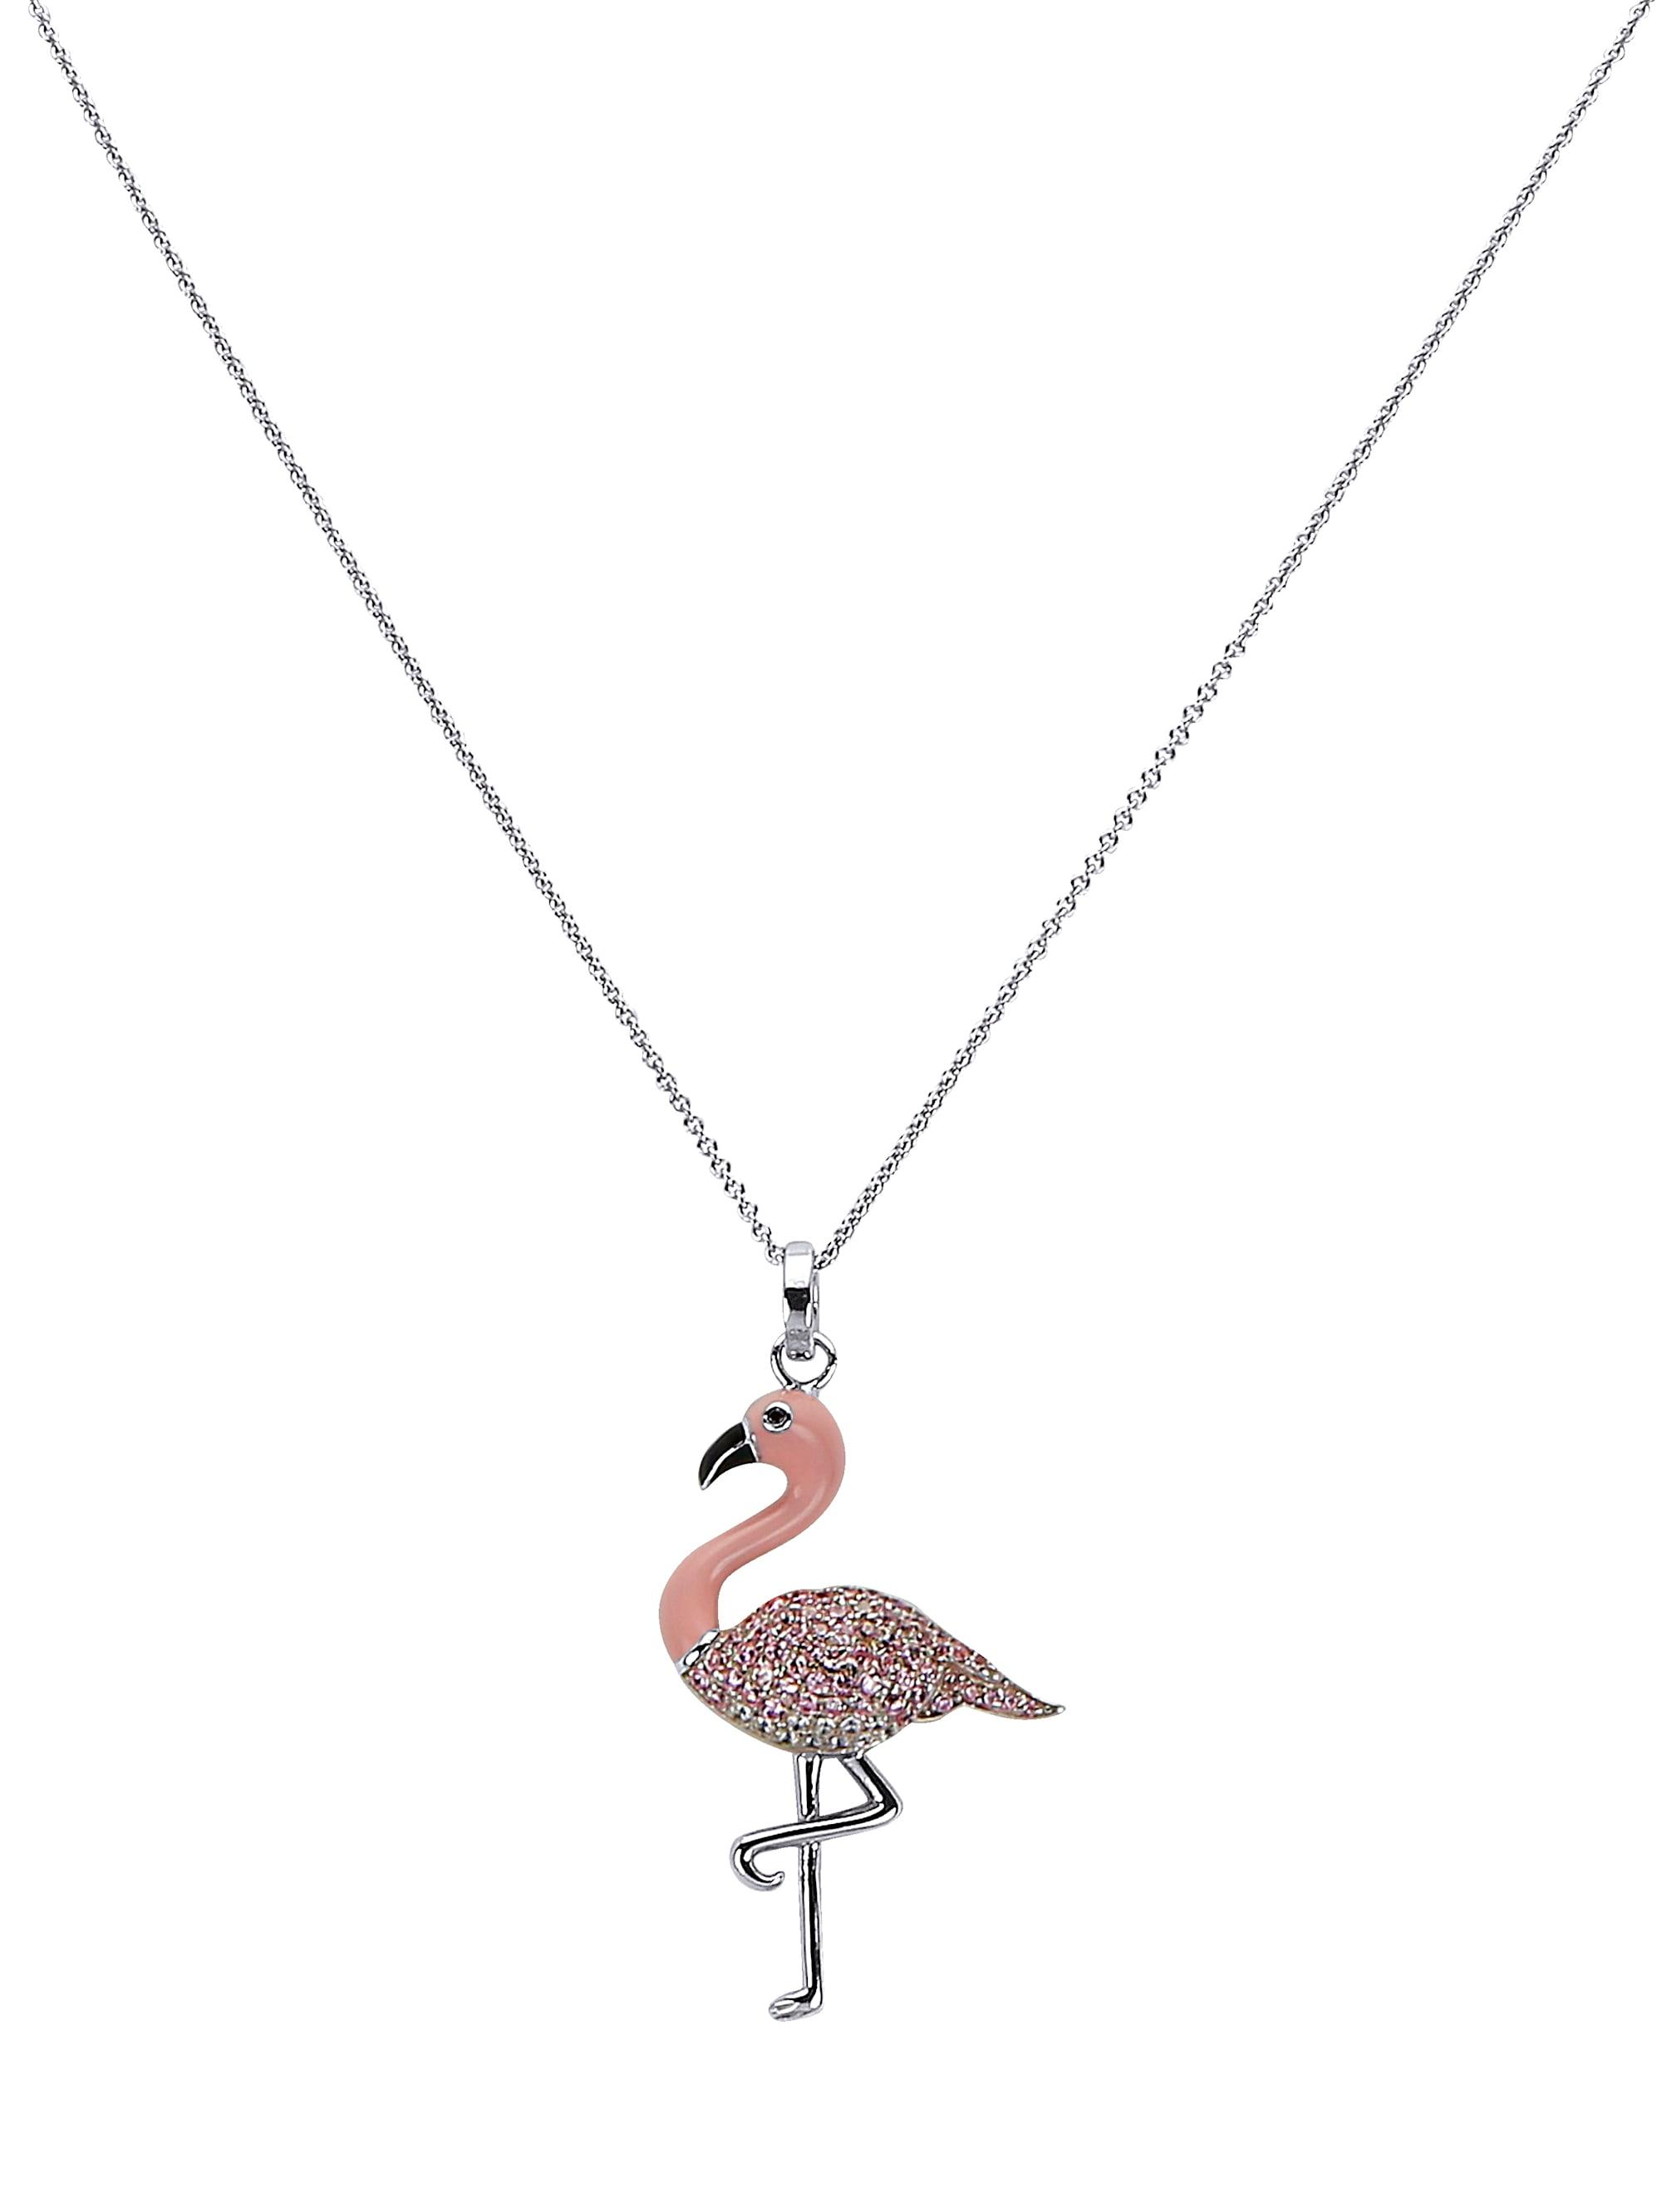 Flamingo-Anhänger mit Kette veUKz